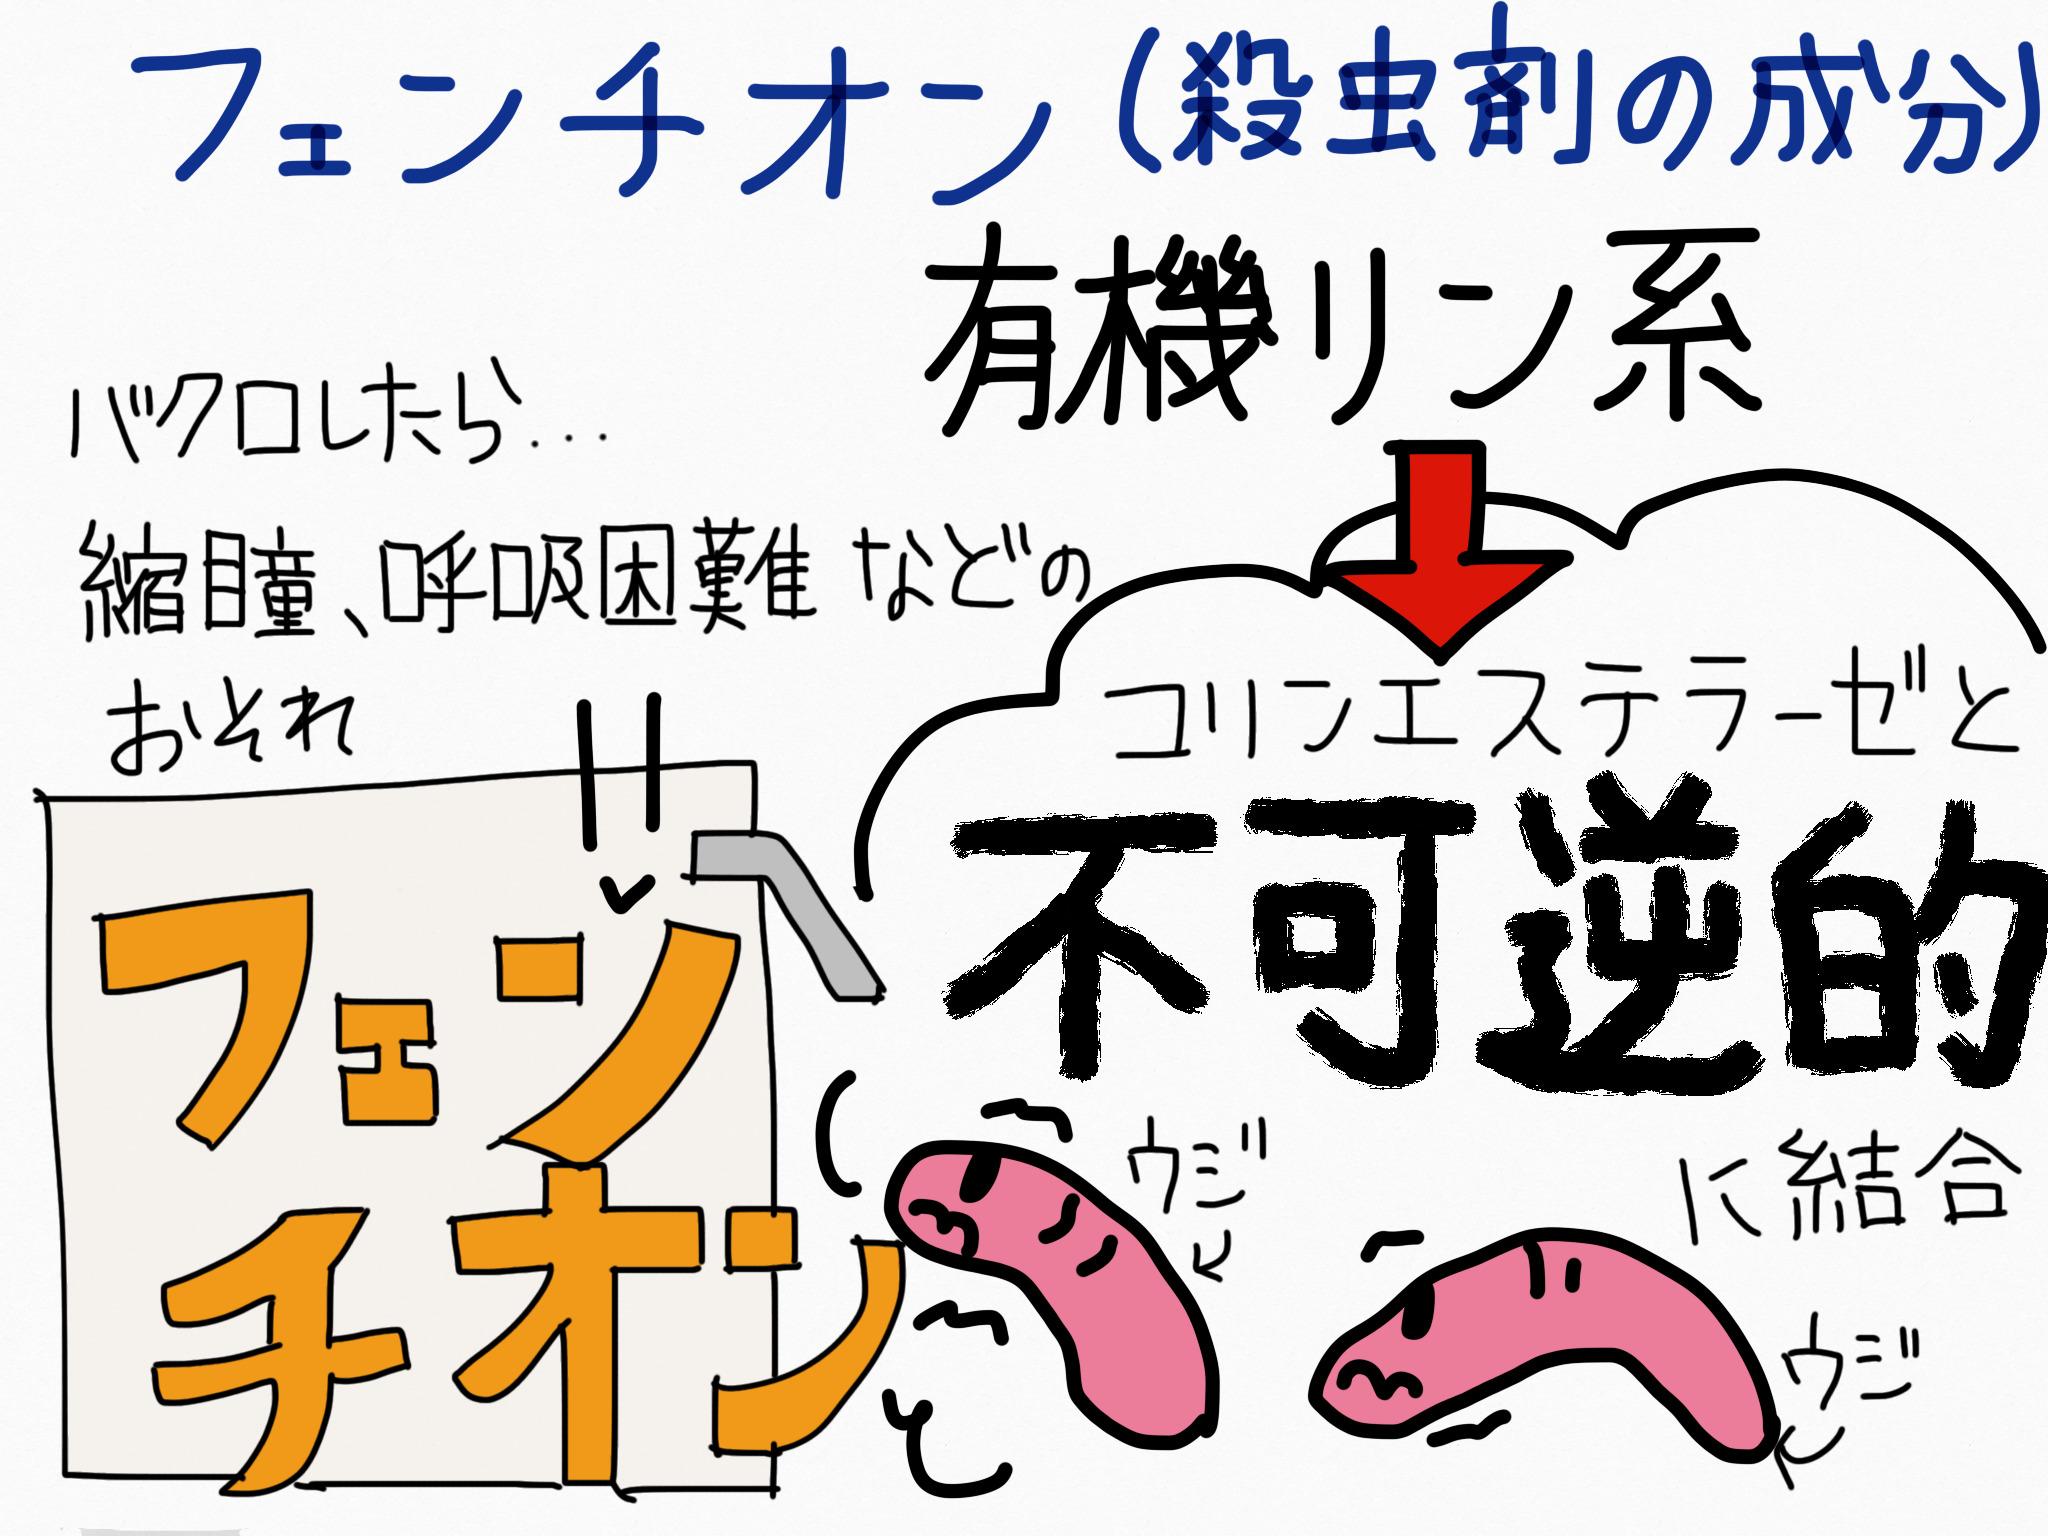 フェンチオン・殺虫剤の成分の覚え方